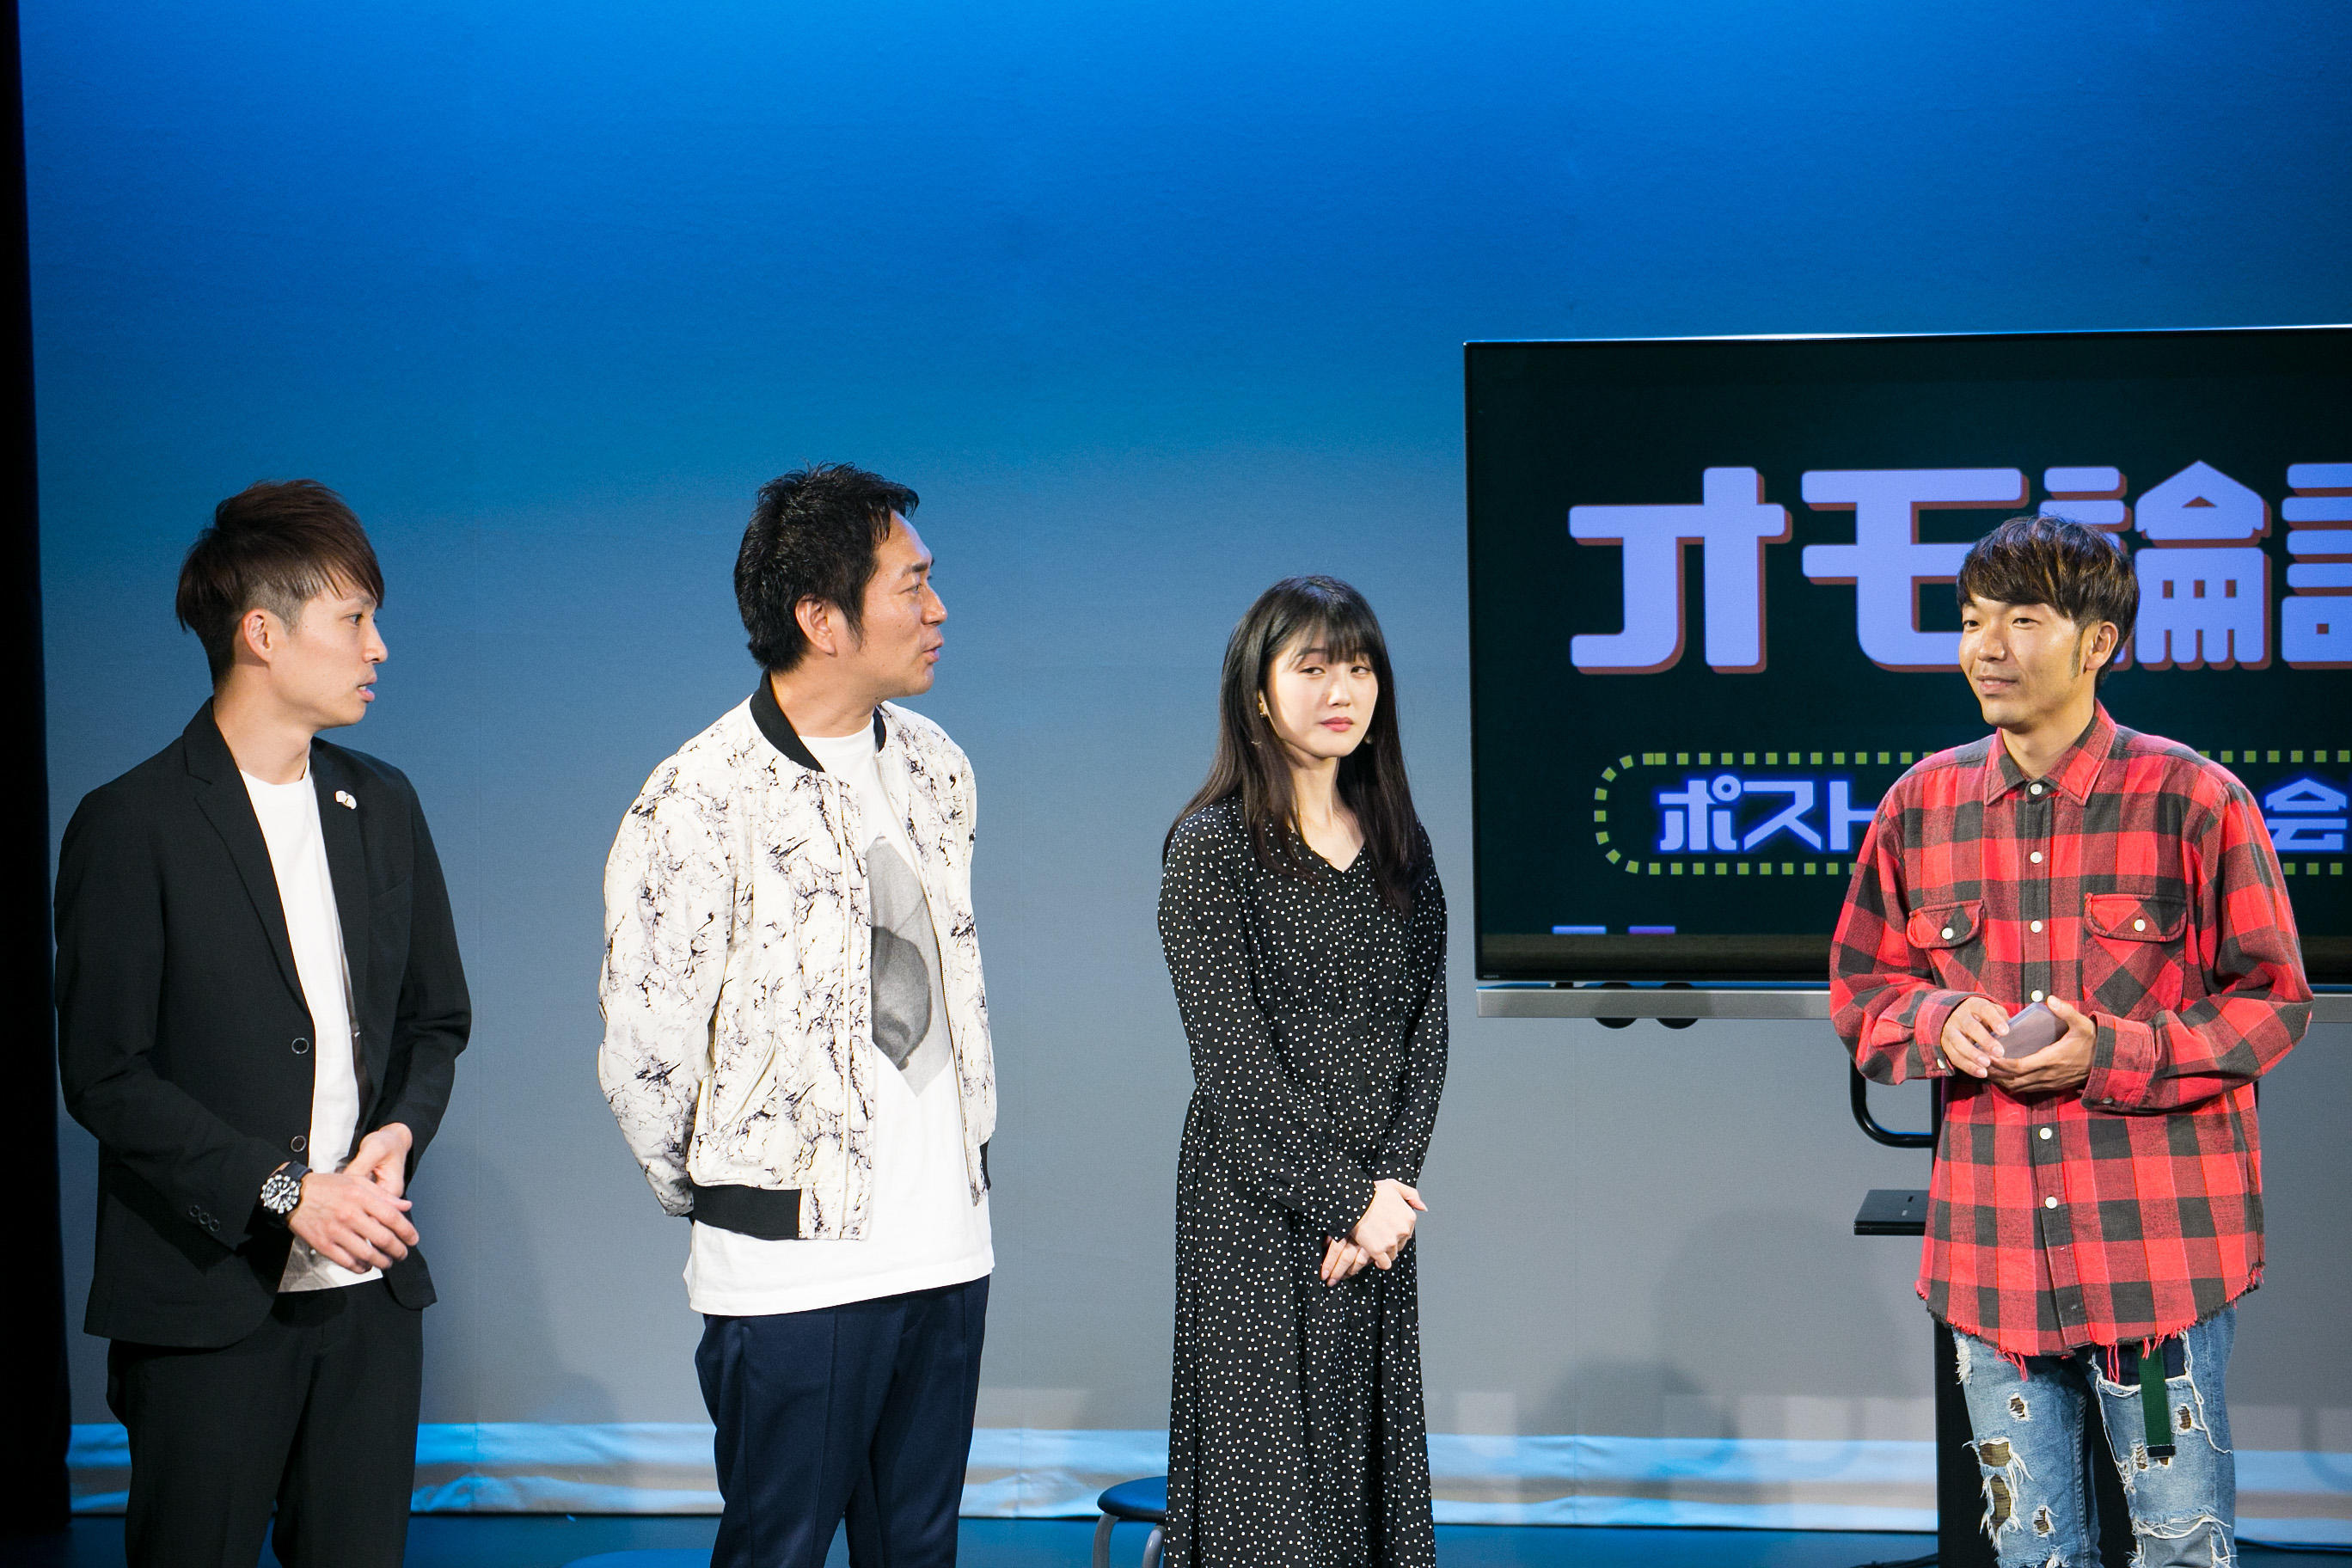 http://news.yoshimoto.co.jp/20181107085450-f065ce95eabc9a08514c2a54102898162e92c20b.jpg